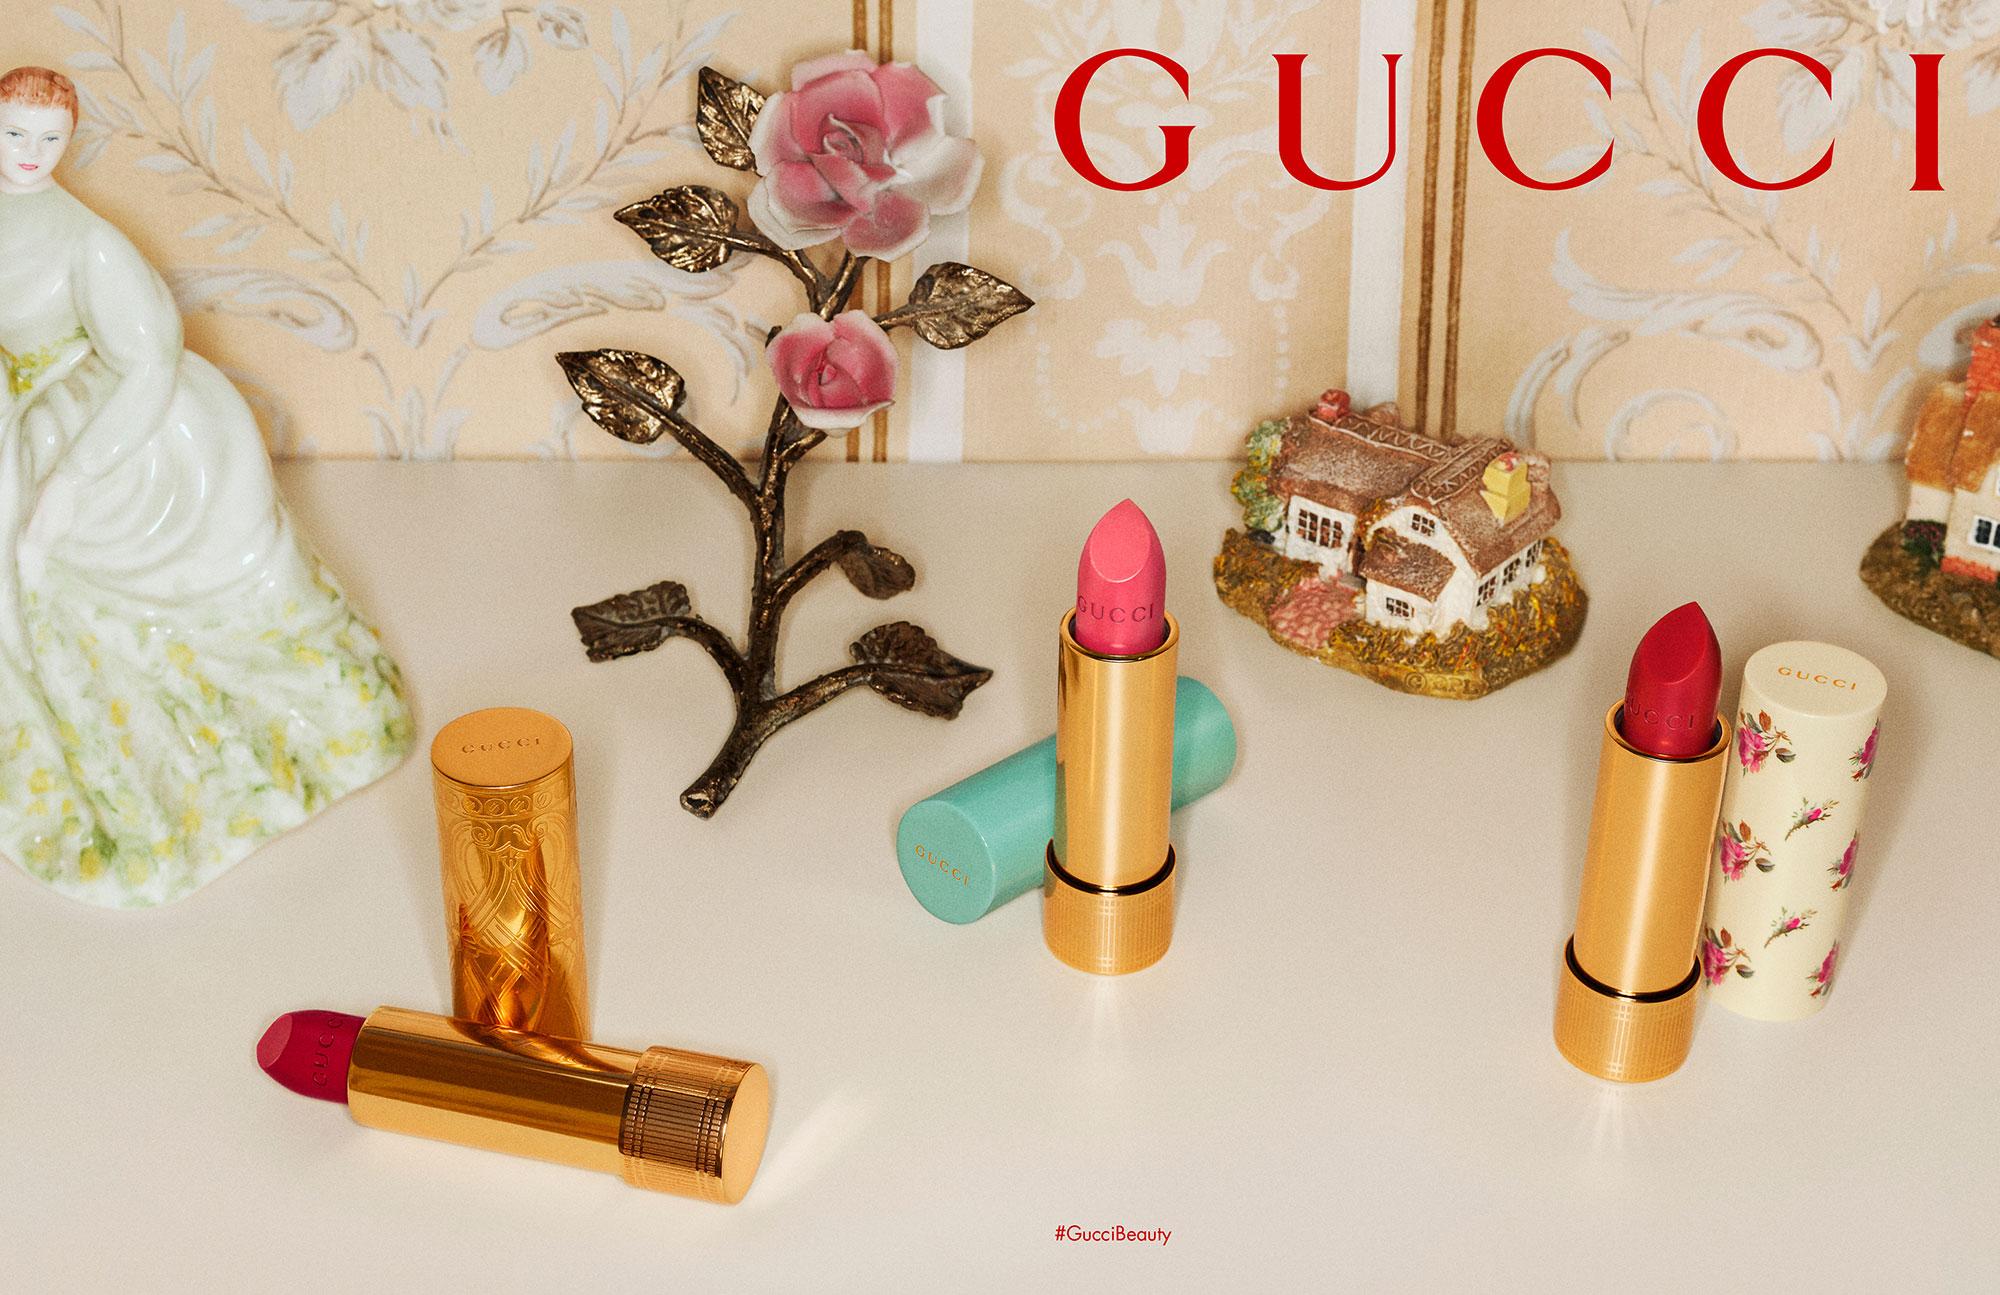 050619-gucci-lipsticks-lead_0